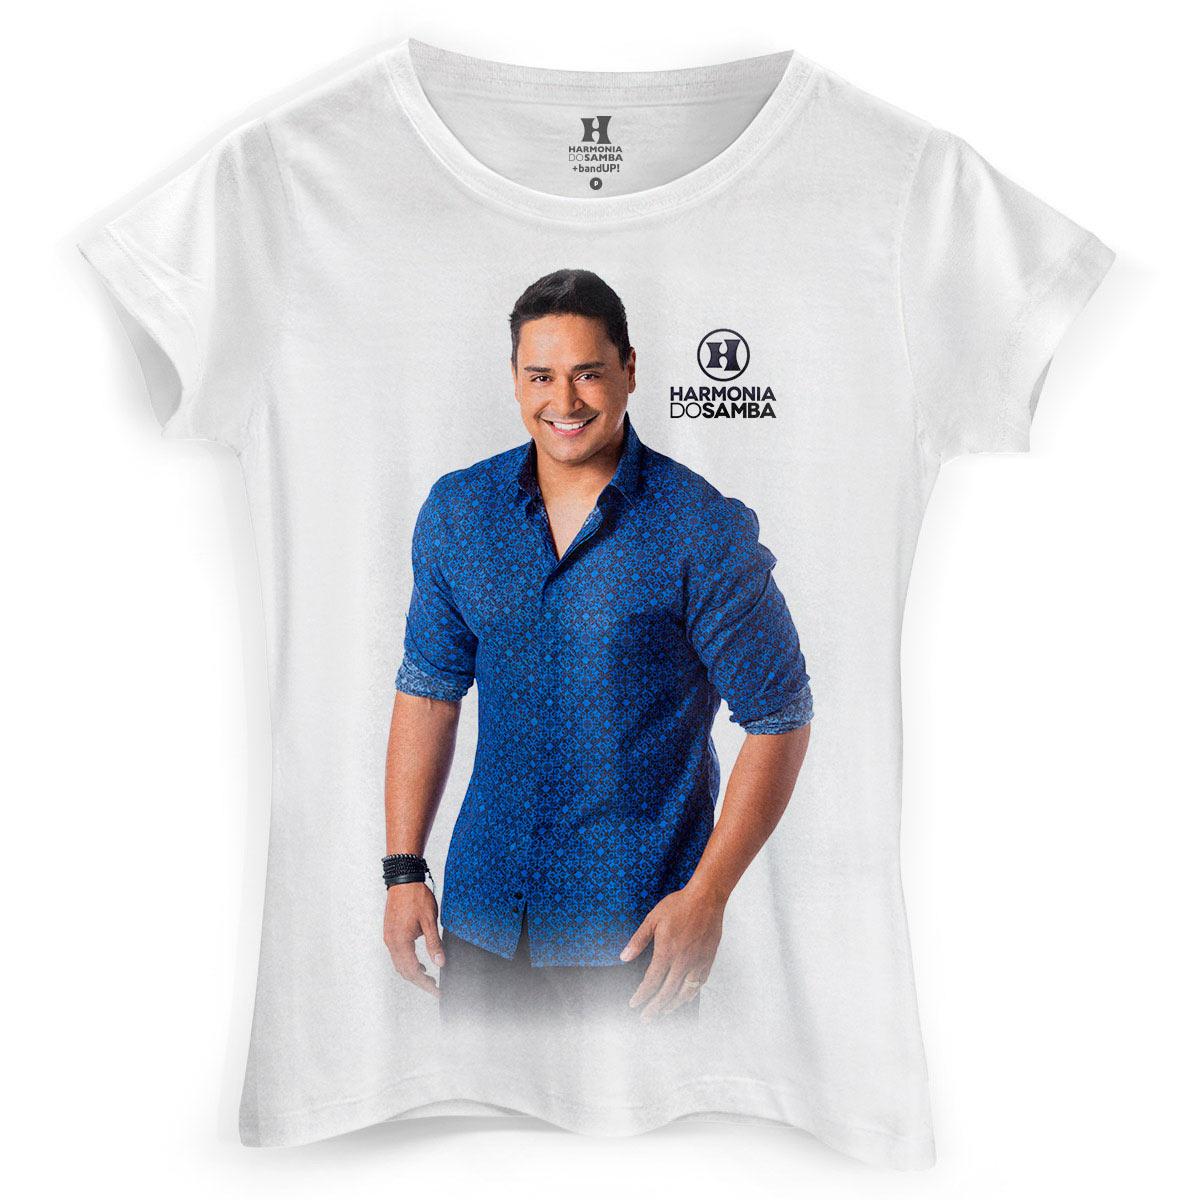 Camiseta Feminina Harmonia do Samba Tá no DNA Xanddy